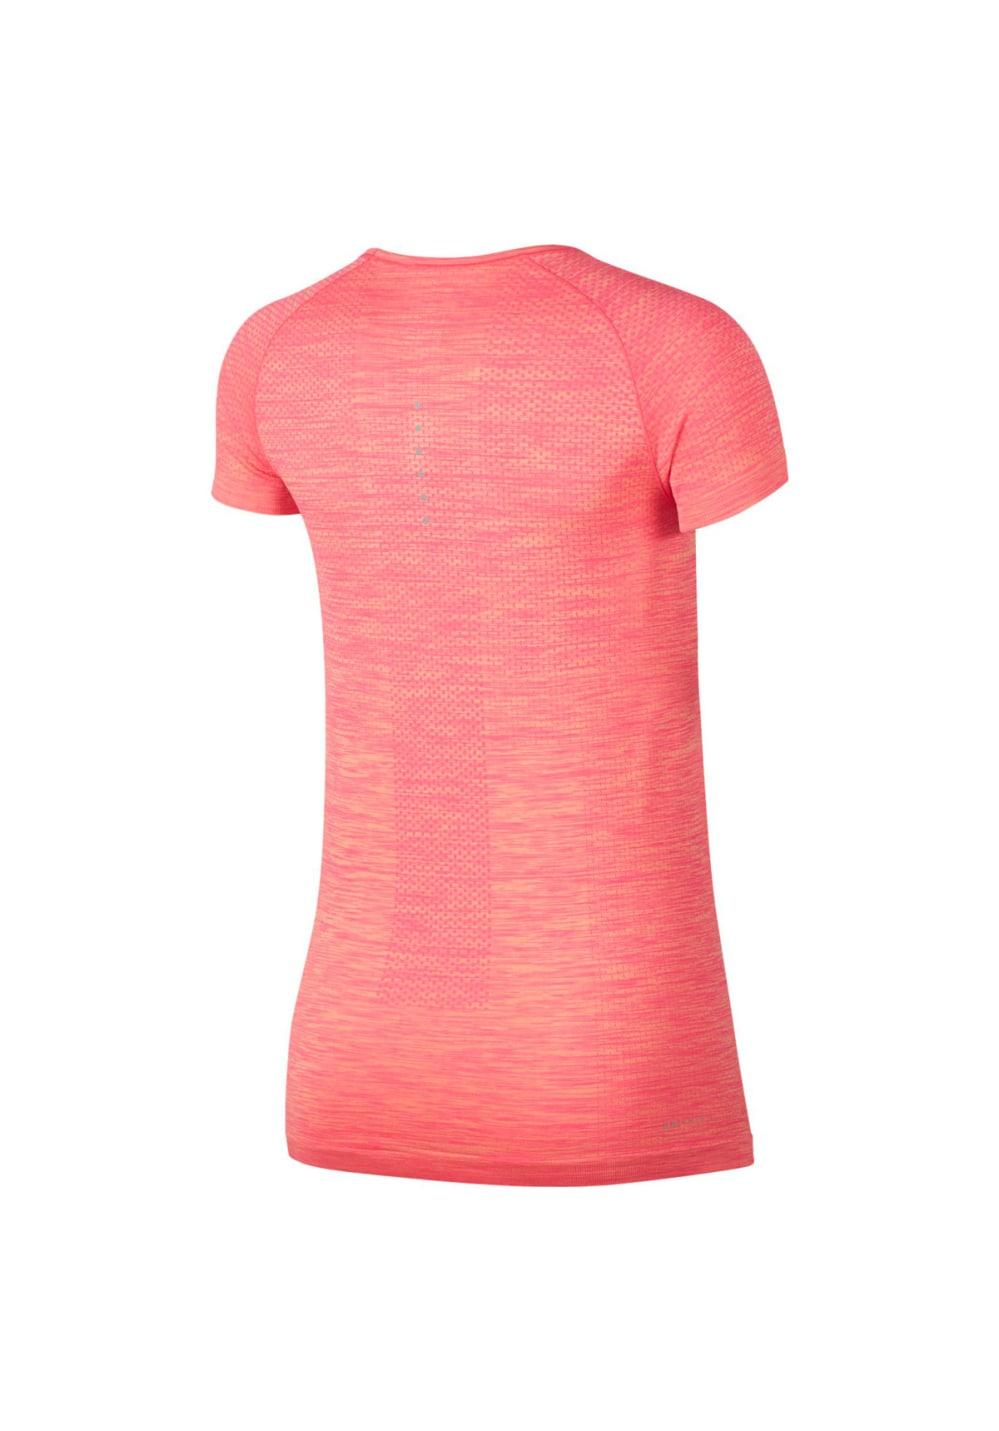 nueva productos última moda selección asombrosa Nike Dri-Fit Knit Tee - Camisetas de running para Mujer - Rojo